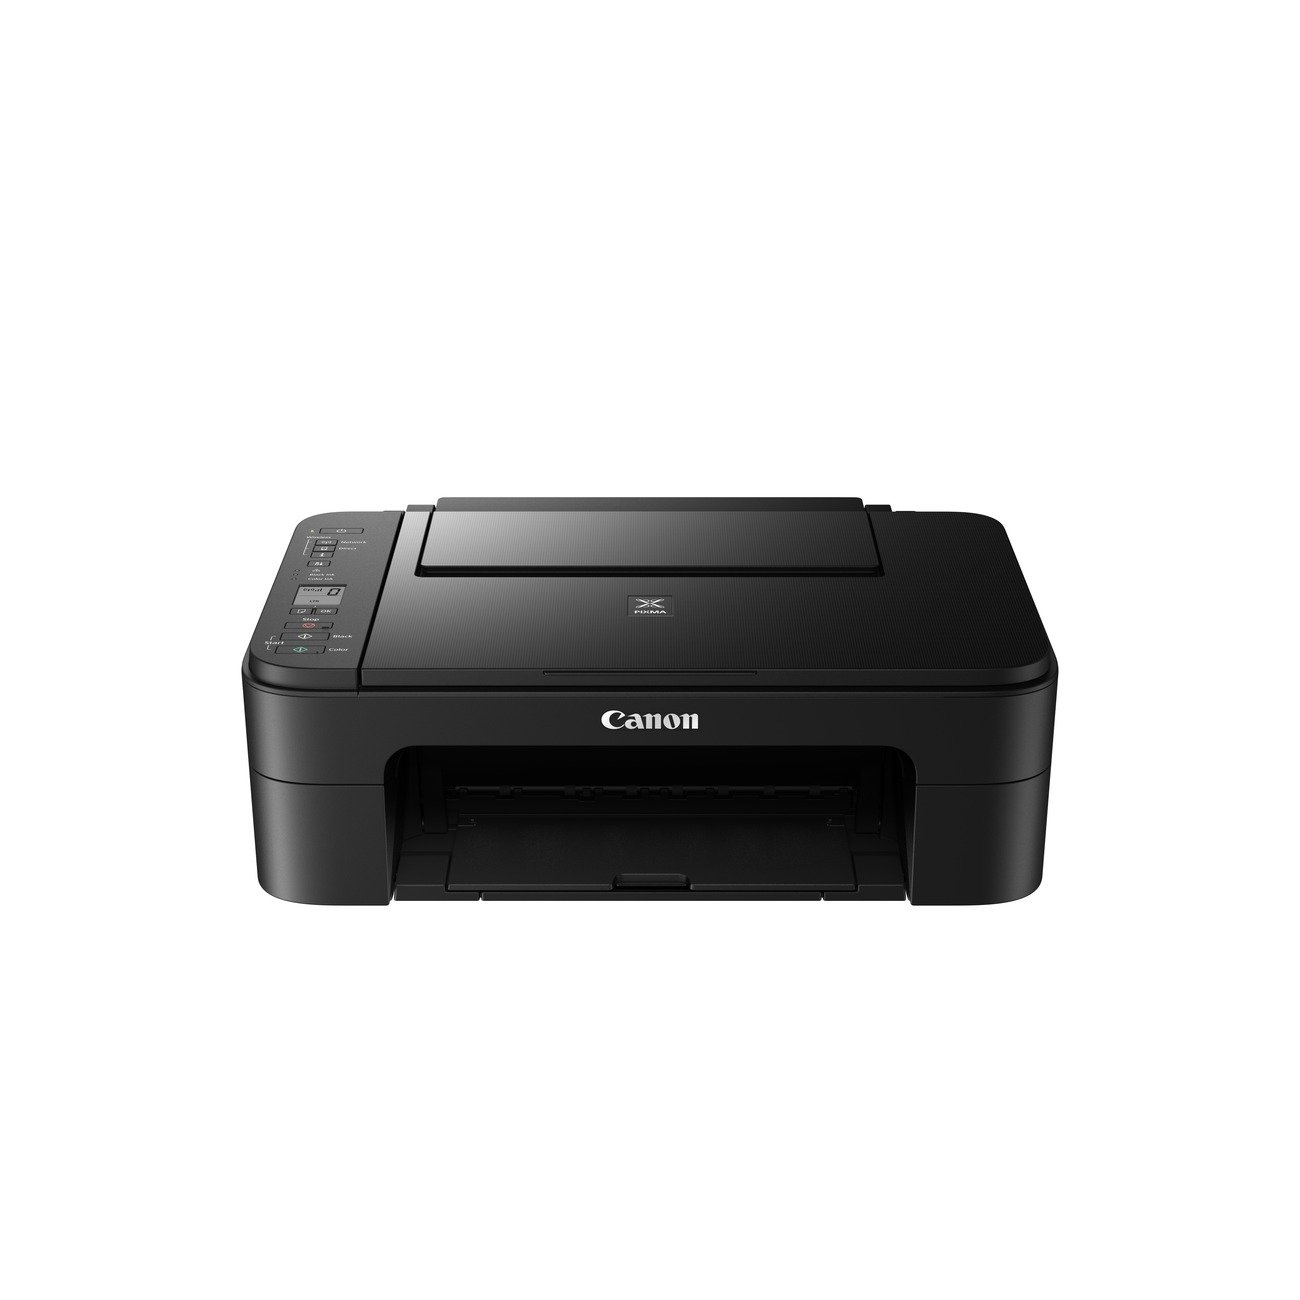 Canon PIXMA TS3150 – Impresora Multifuncional, Impresión a dos caras con funcionamiento manual, Negro